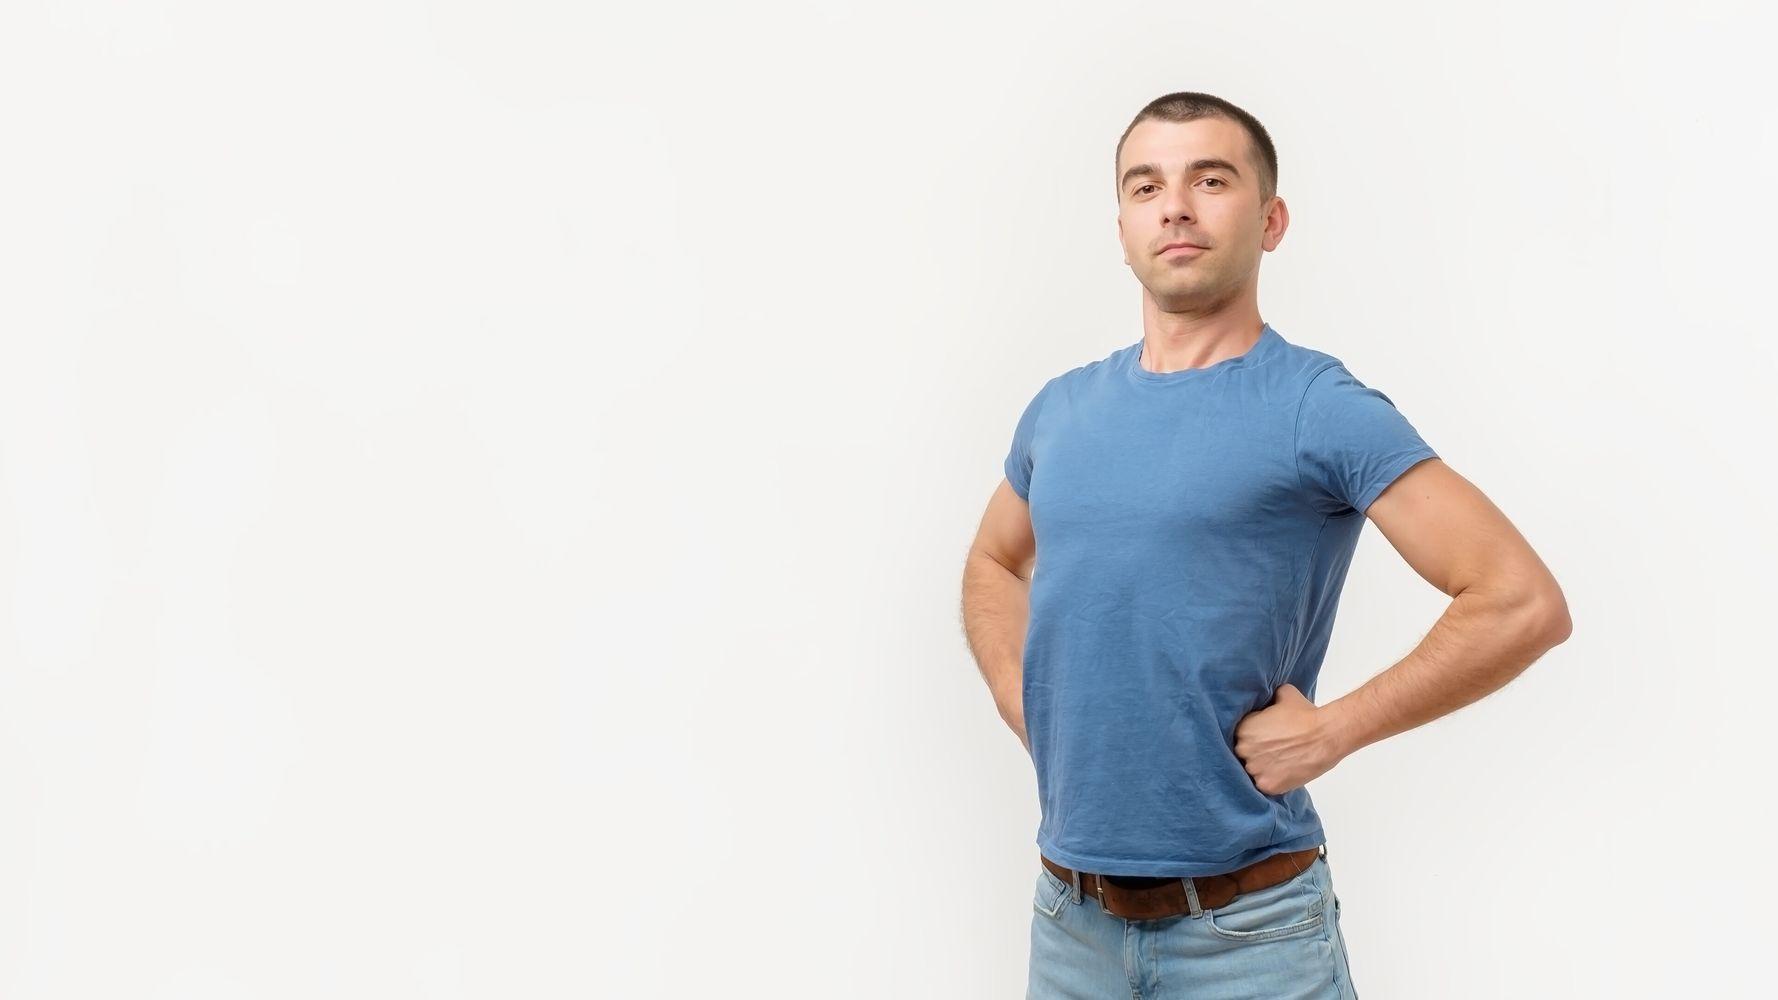 póza úspěchu pomáhá tělu produkovat testosteron